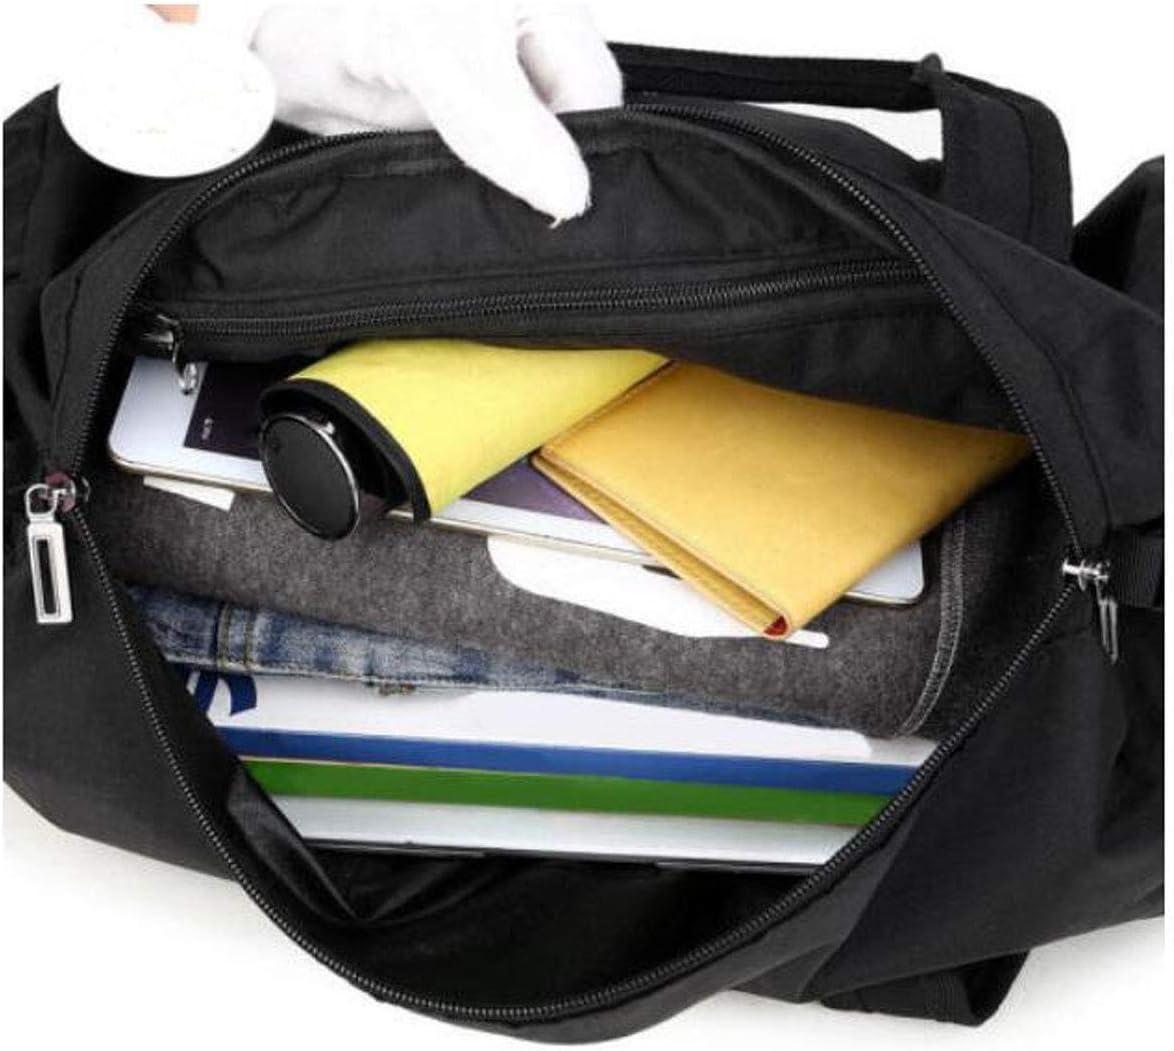 Black Size: 472727cm Travel Duffel Bag for Men and Women ZHICHUANG Fitness Bag Travel Business Bag Mens Shoulder Strap Handbag